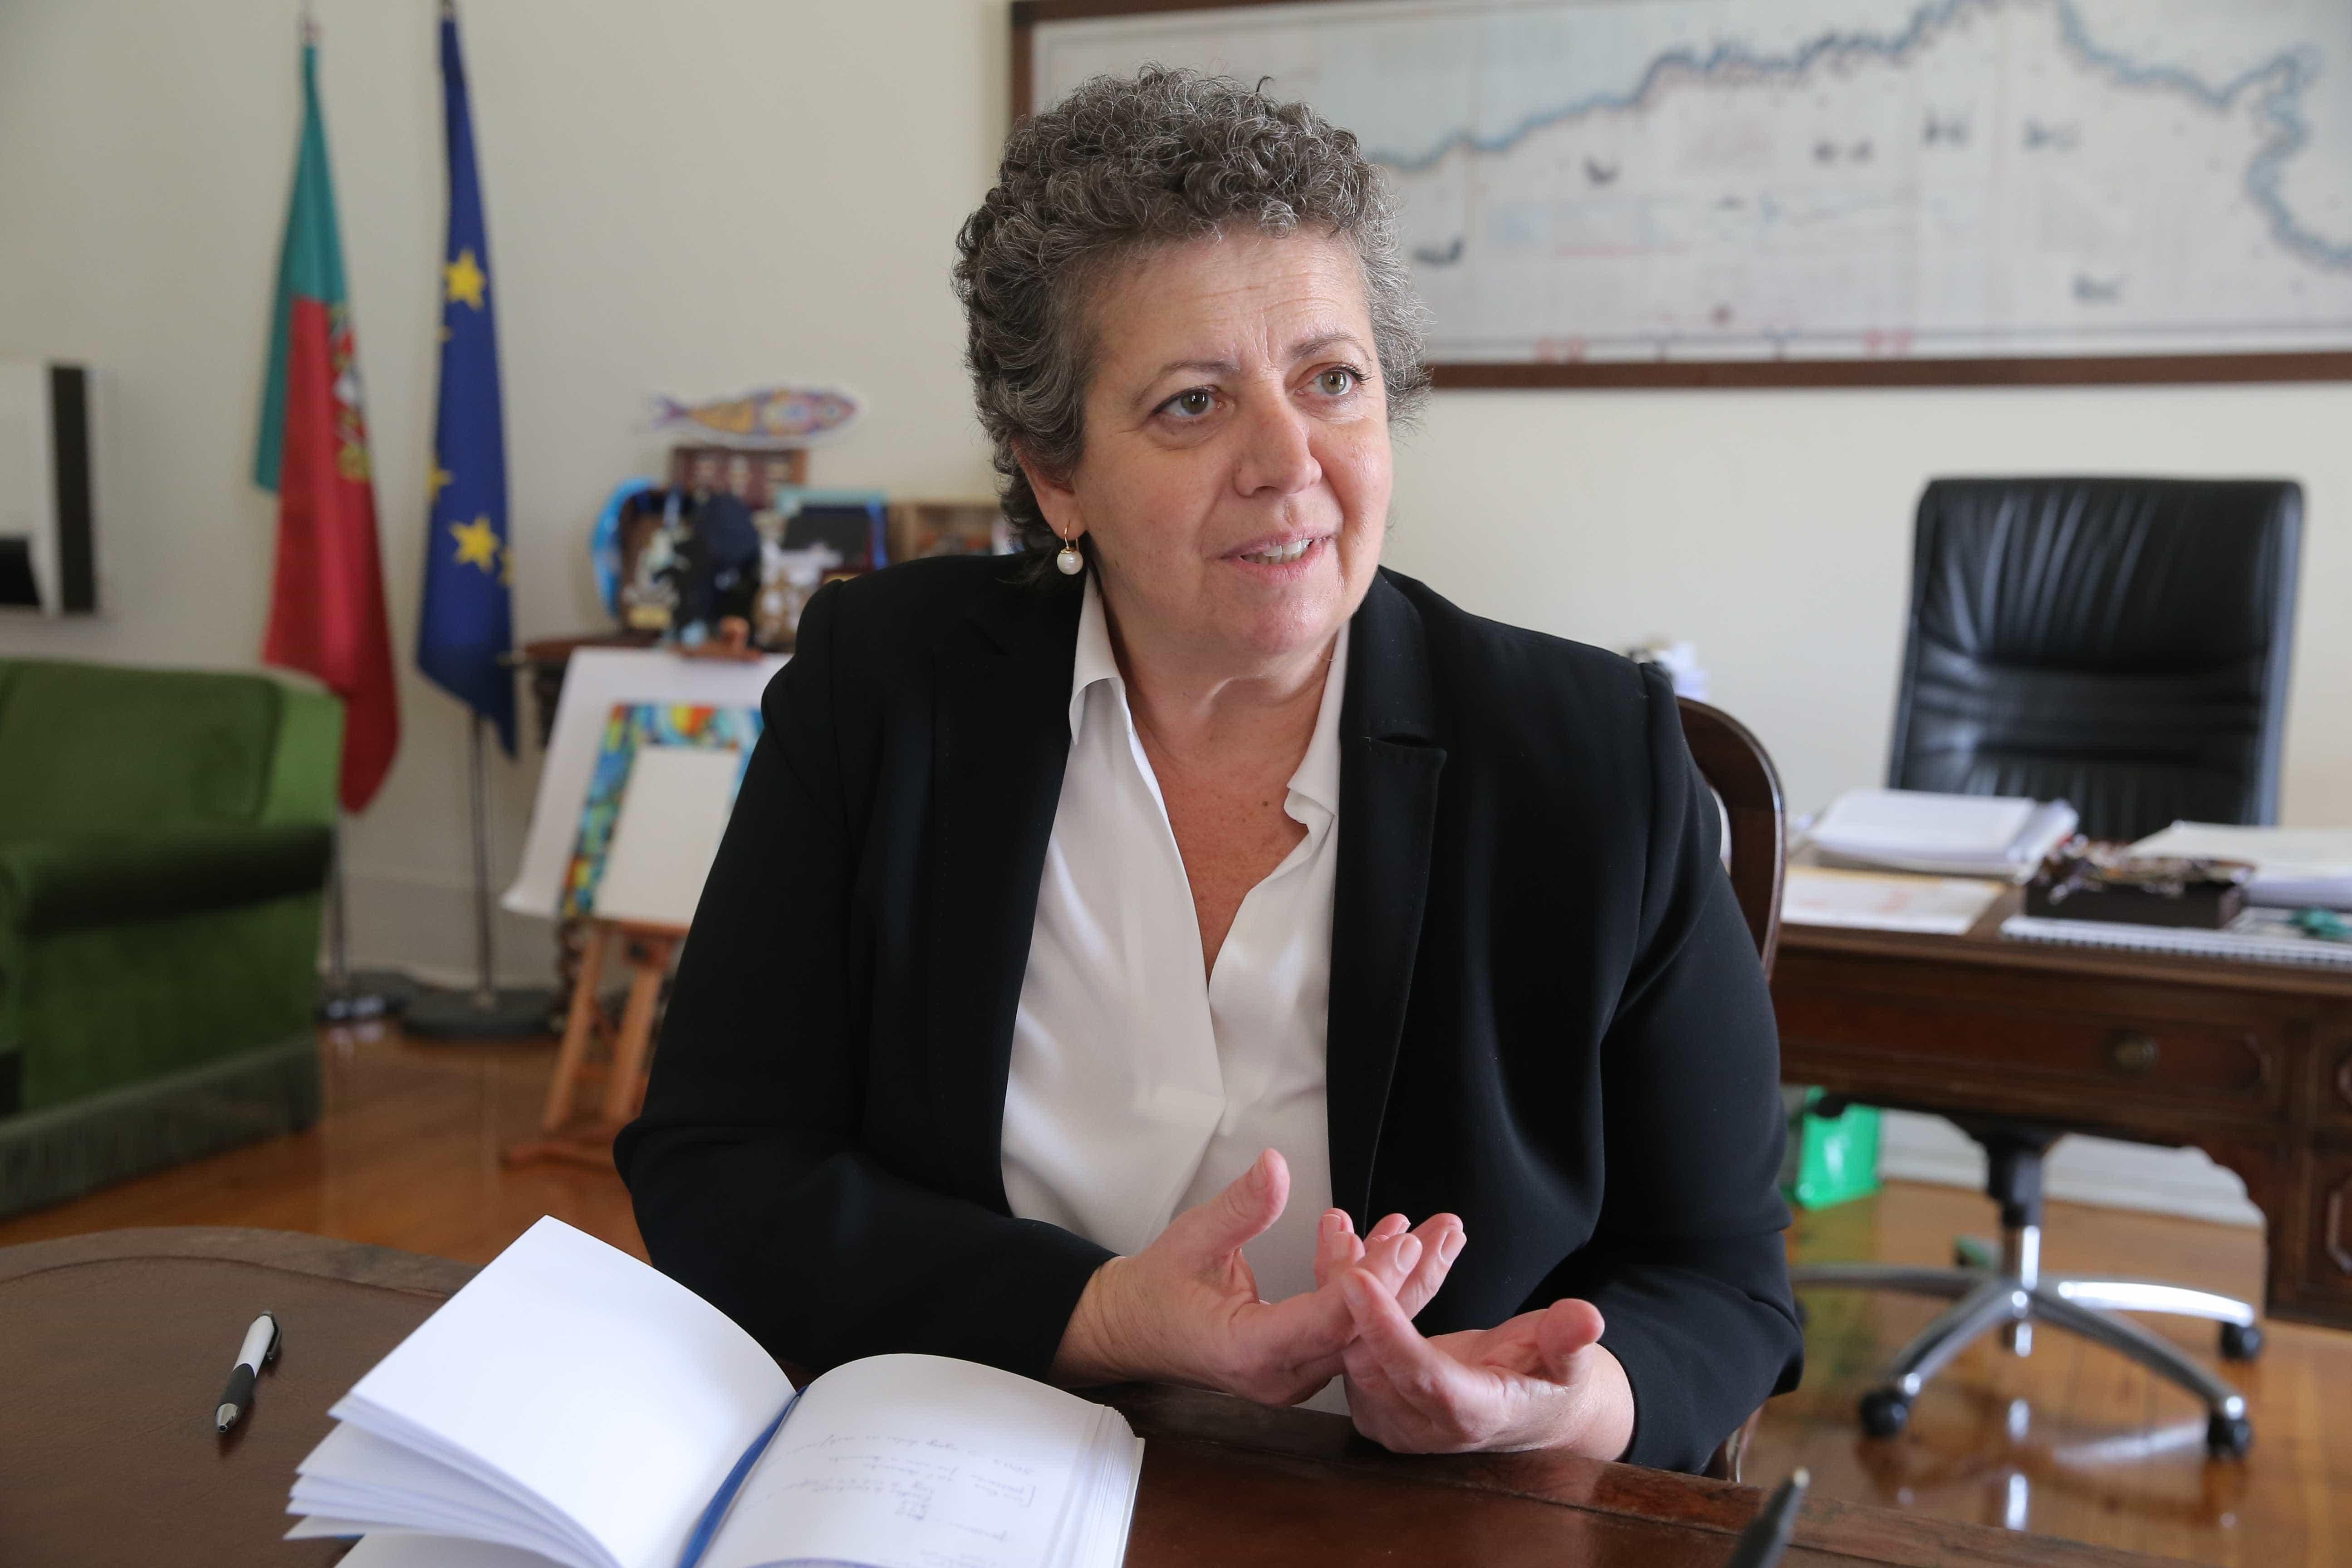 Governo agradece apoio de Assunção Cristas ao projeto 'Campus do Mar'